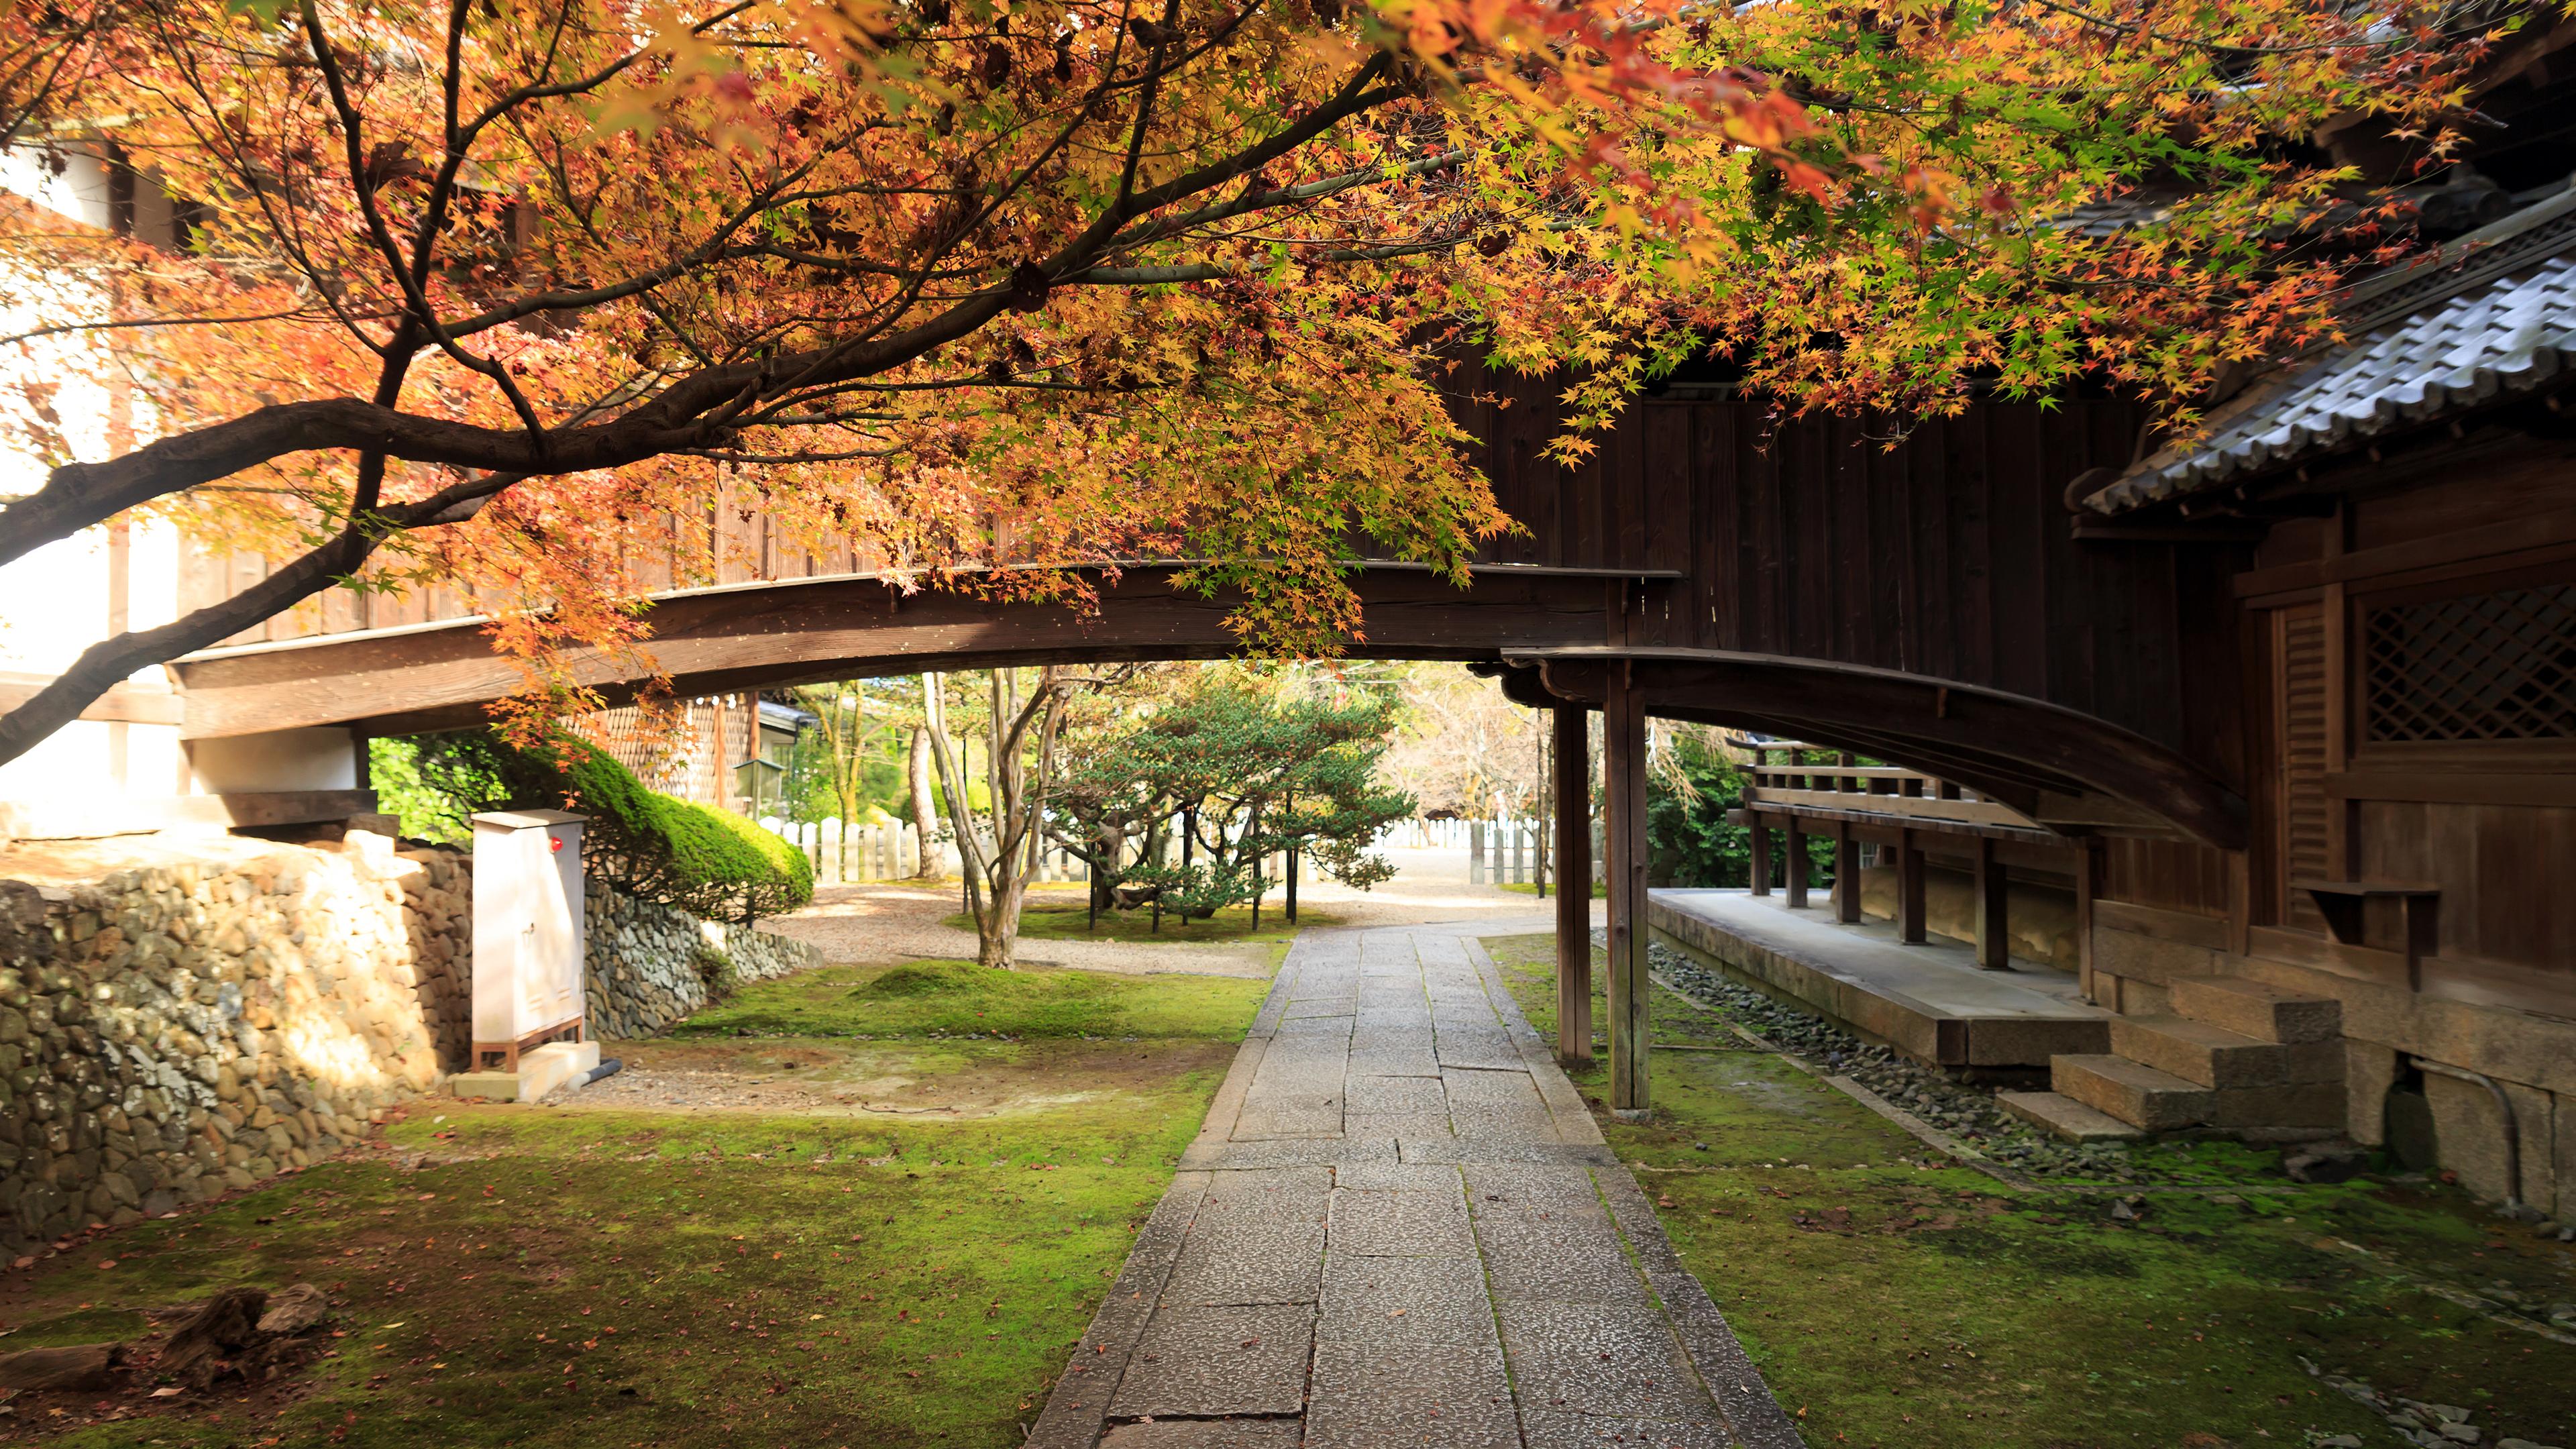 2016年紅葉の京都壁紙その14です。